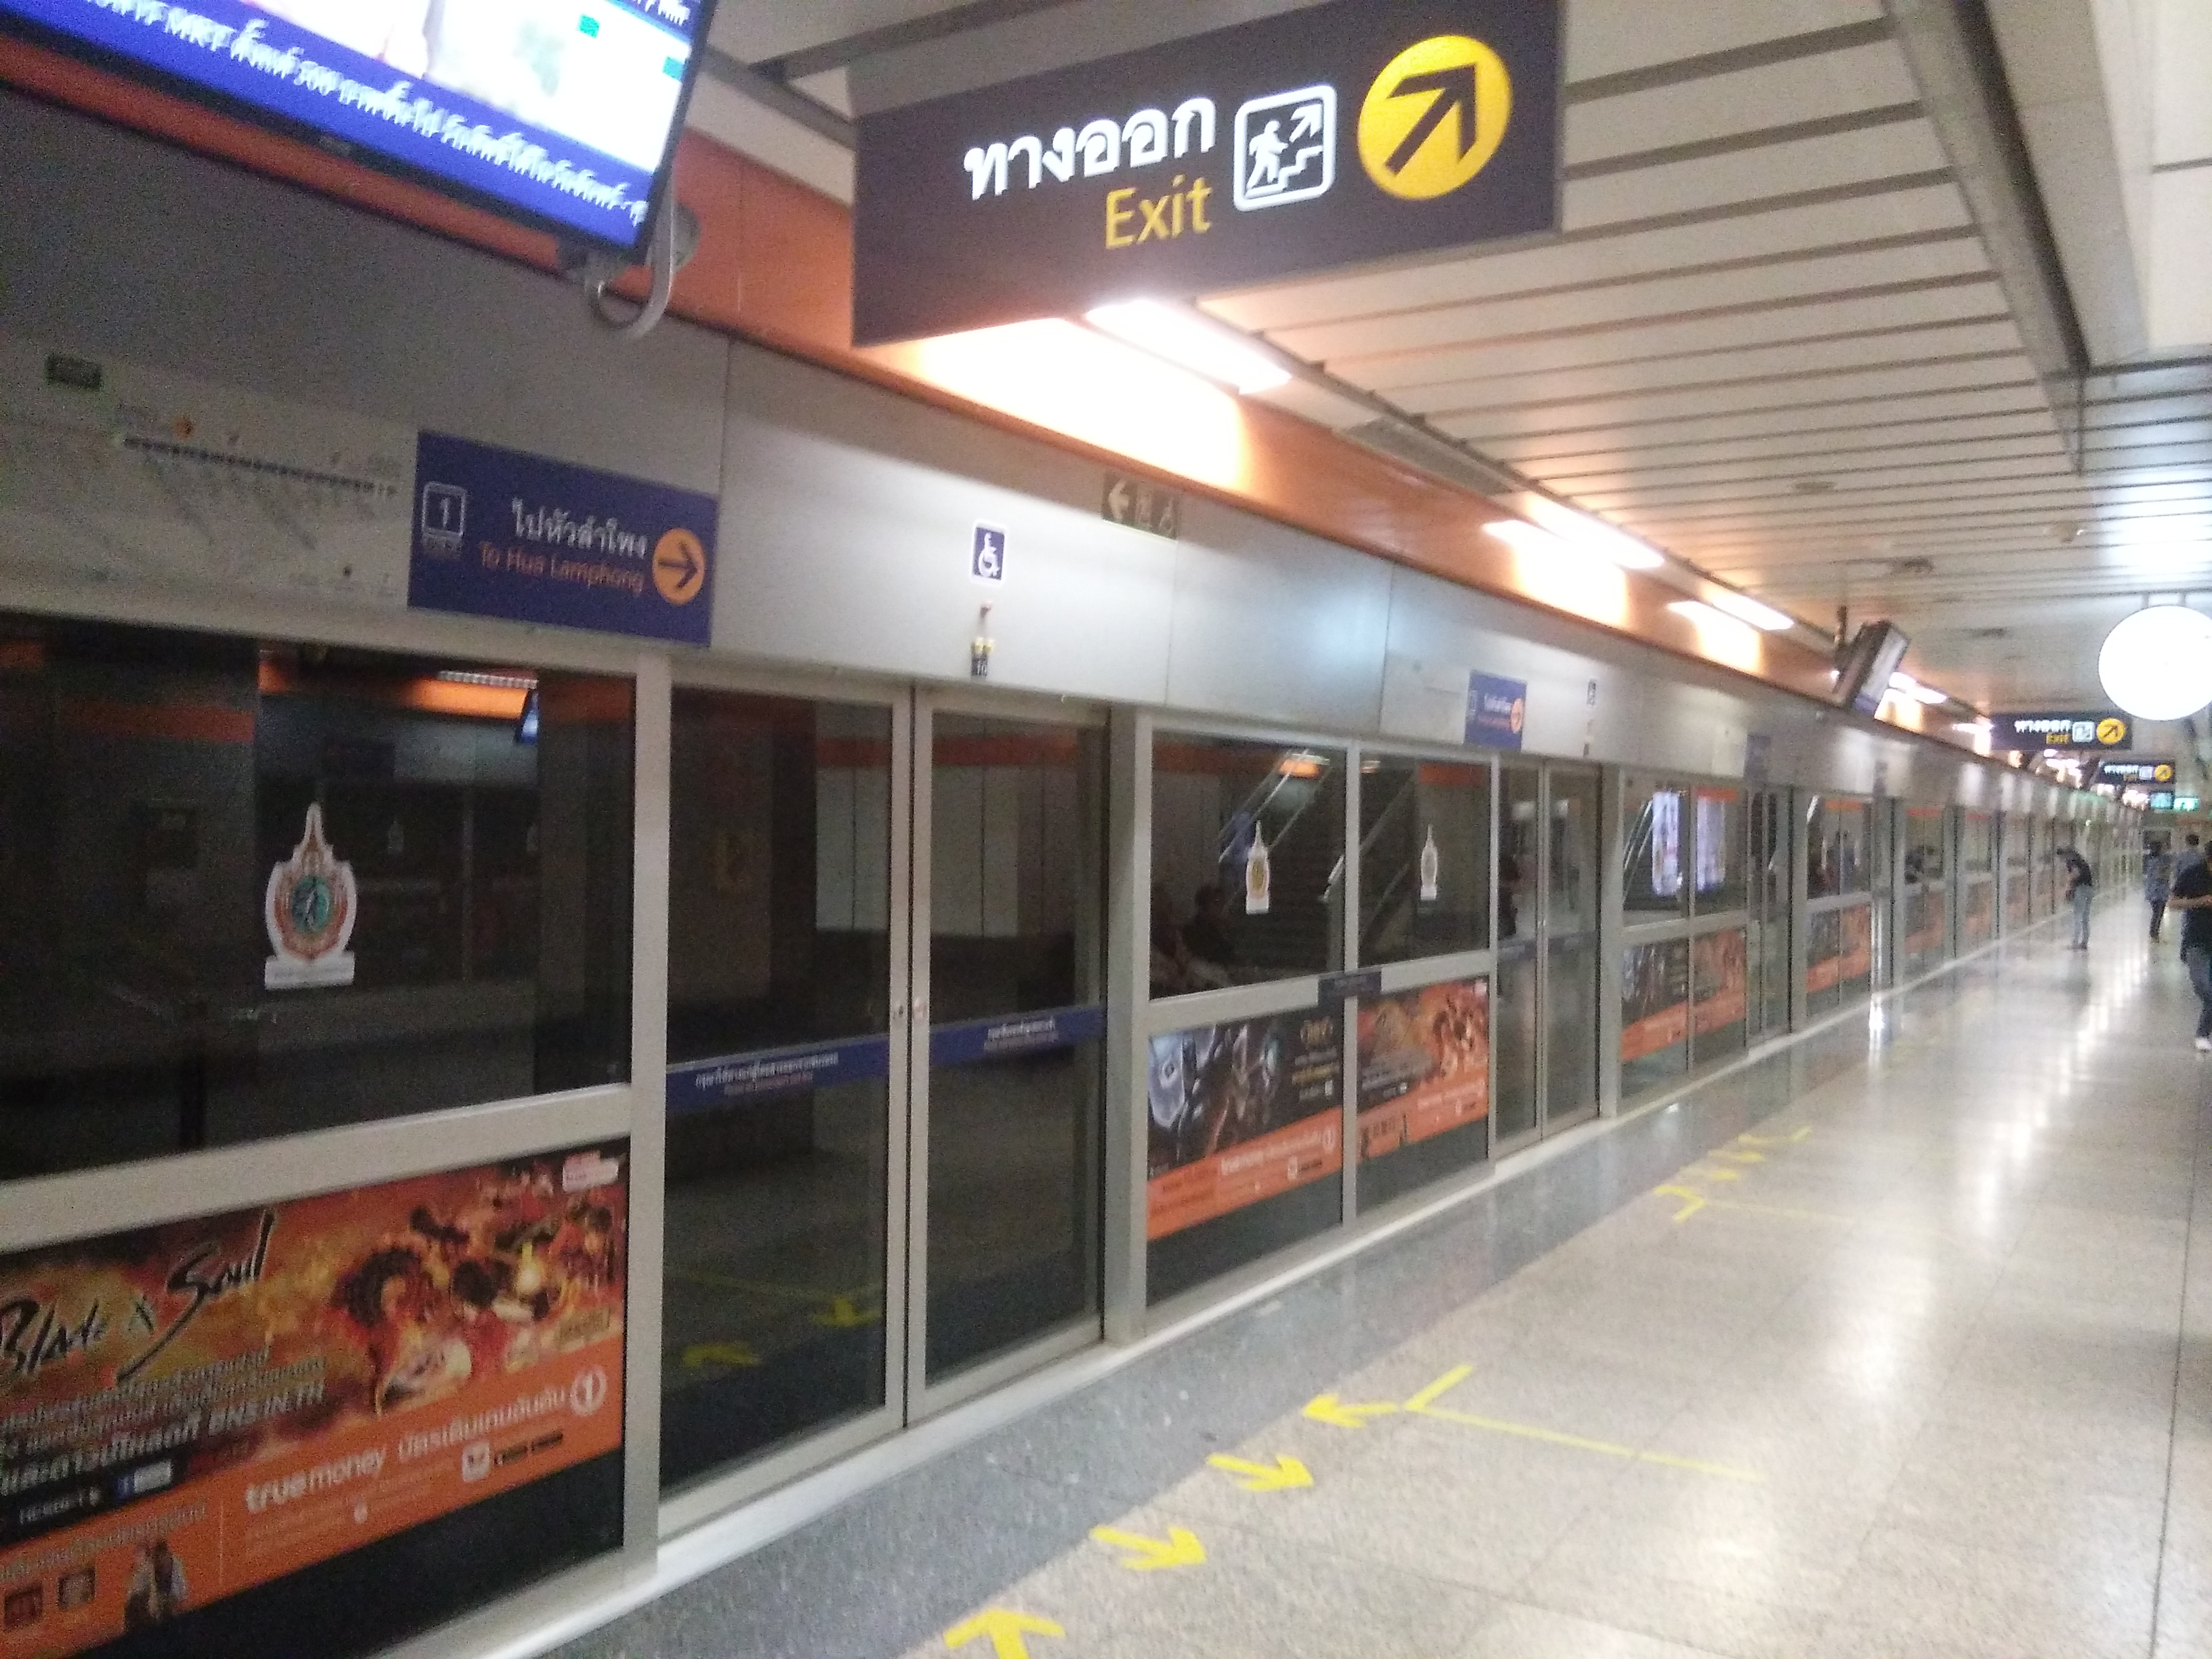 Huai Khwang állomás, a platform a sínektől el van választva